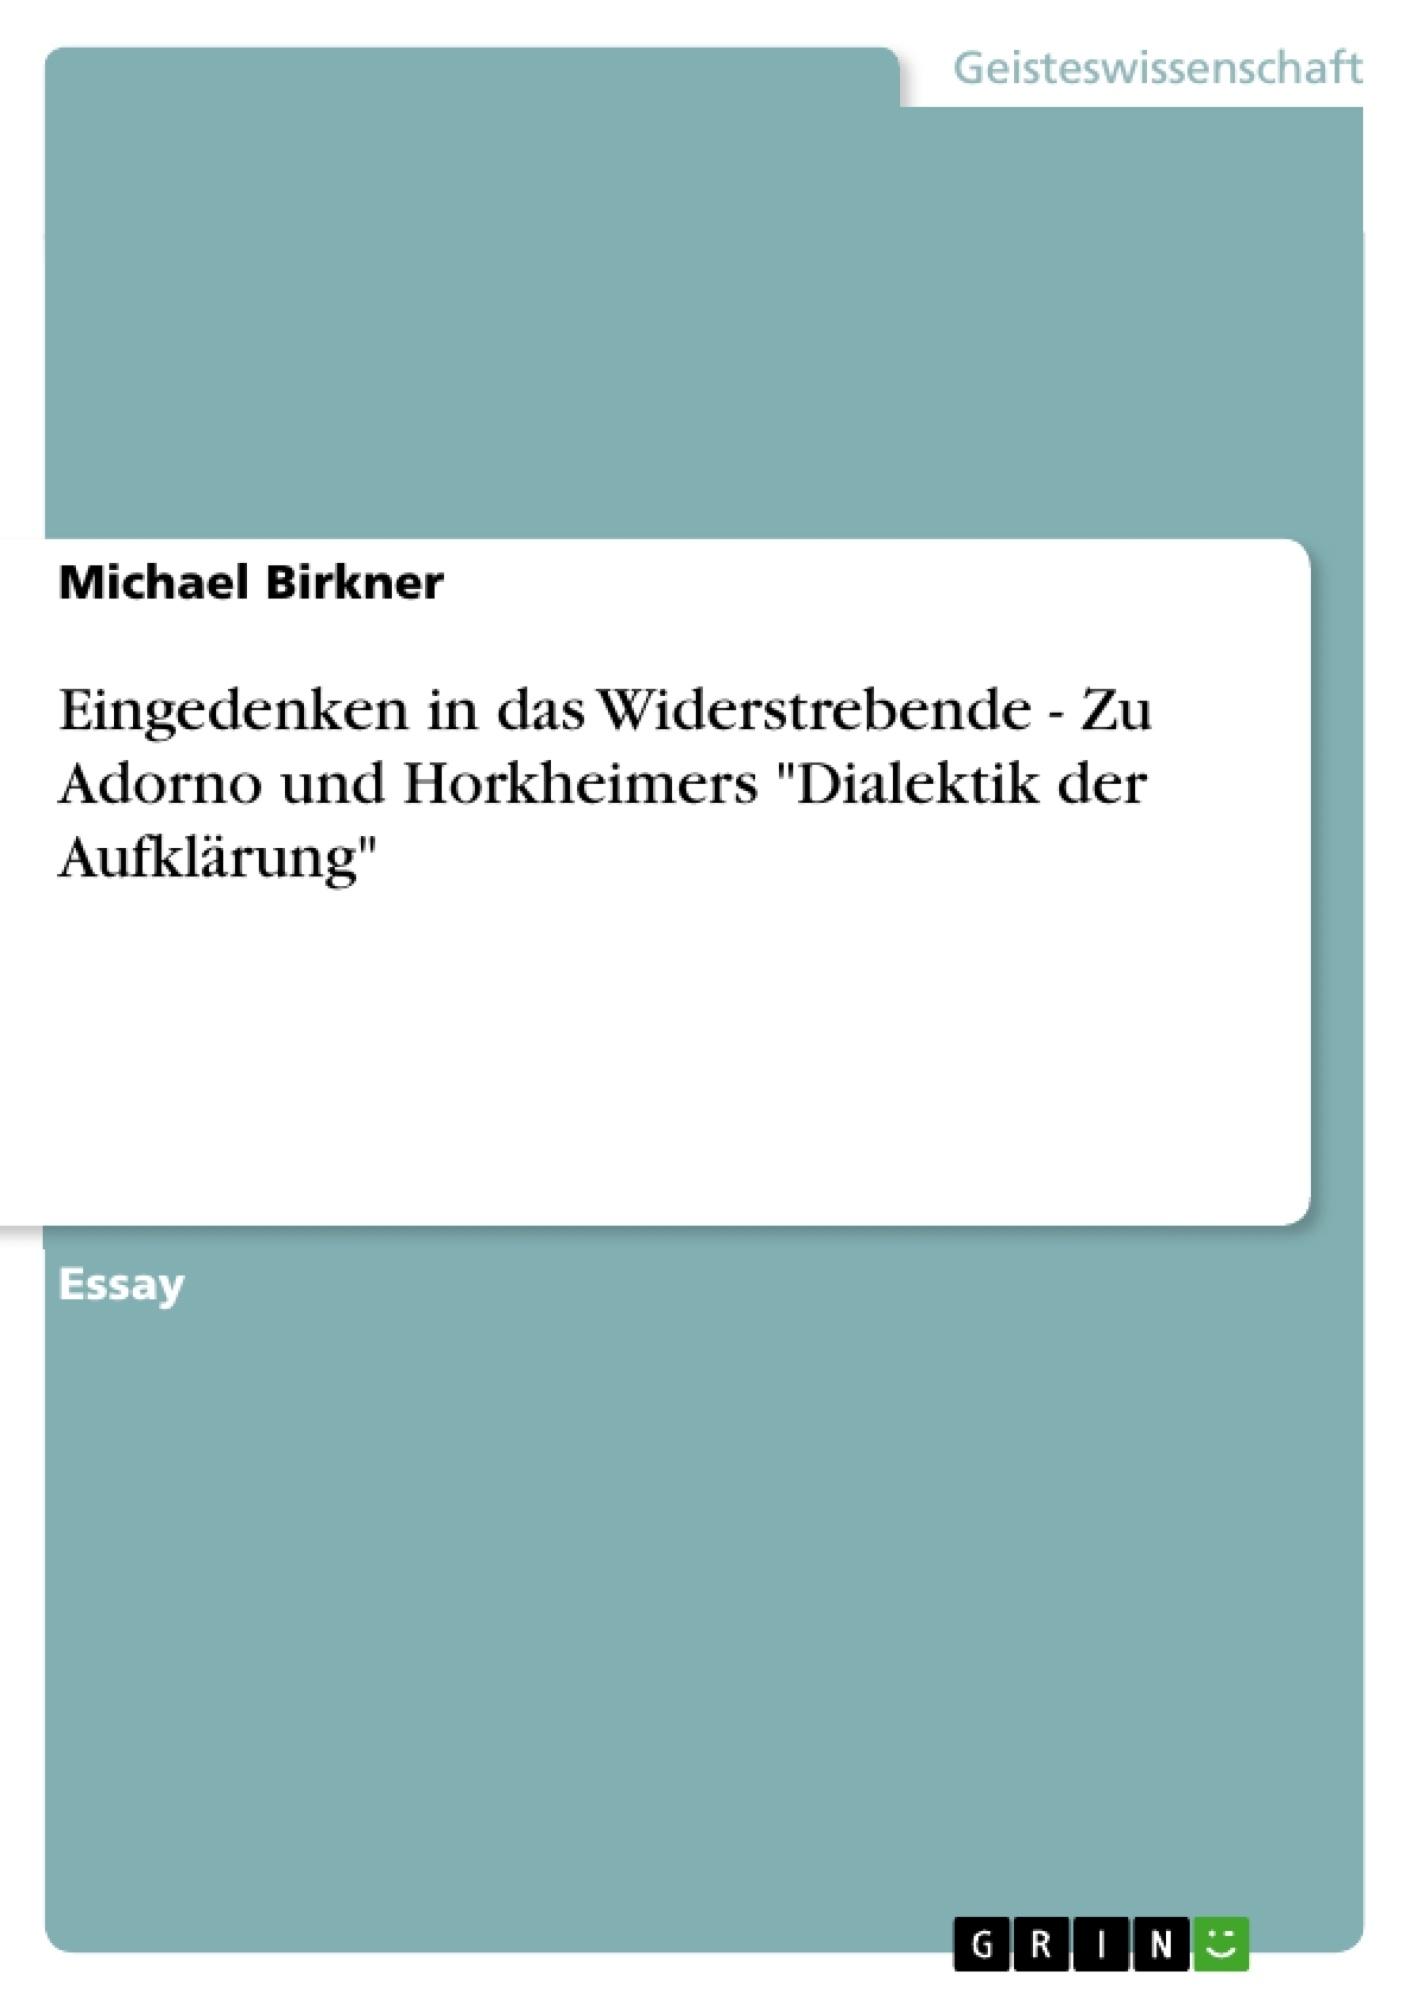 """Titel: Eingedenken in das Widerstrebende - Zu Adorno und Horkheimers """"Dialektik der Aufklärung"""""""